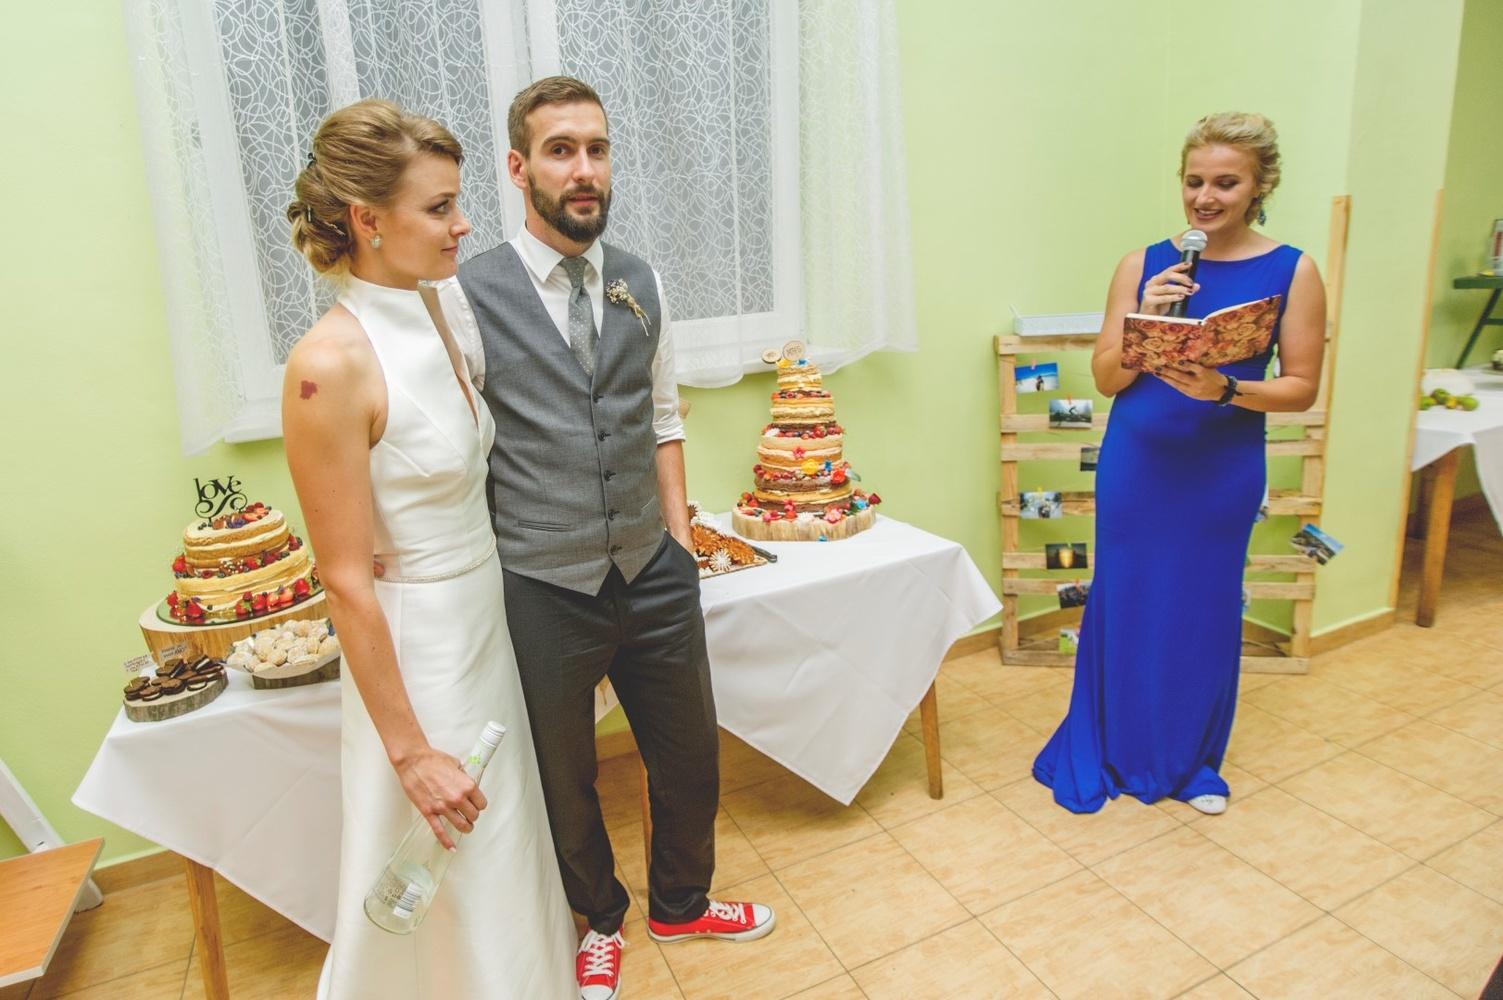 http://www.fotoz.sk/images/gallery-8/normal/eskuvoi-fotos_svadobny-fotograf_586.jpg